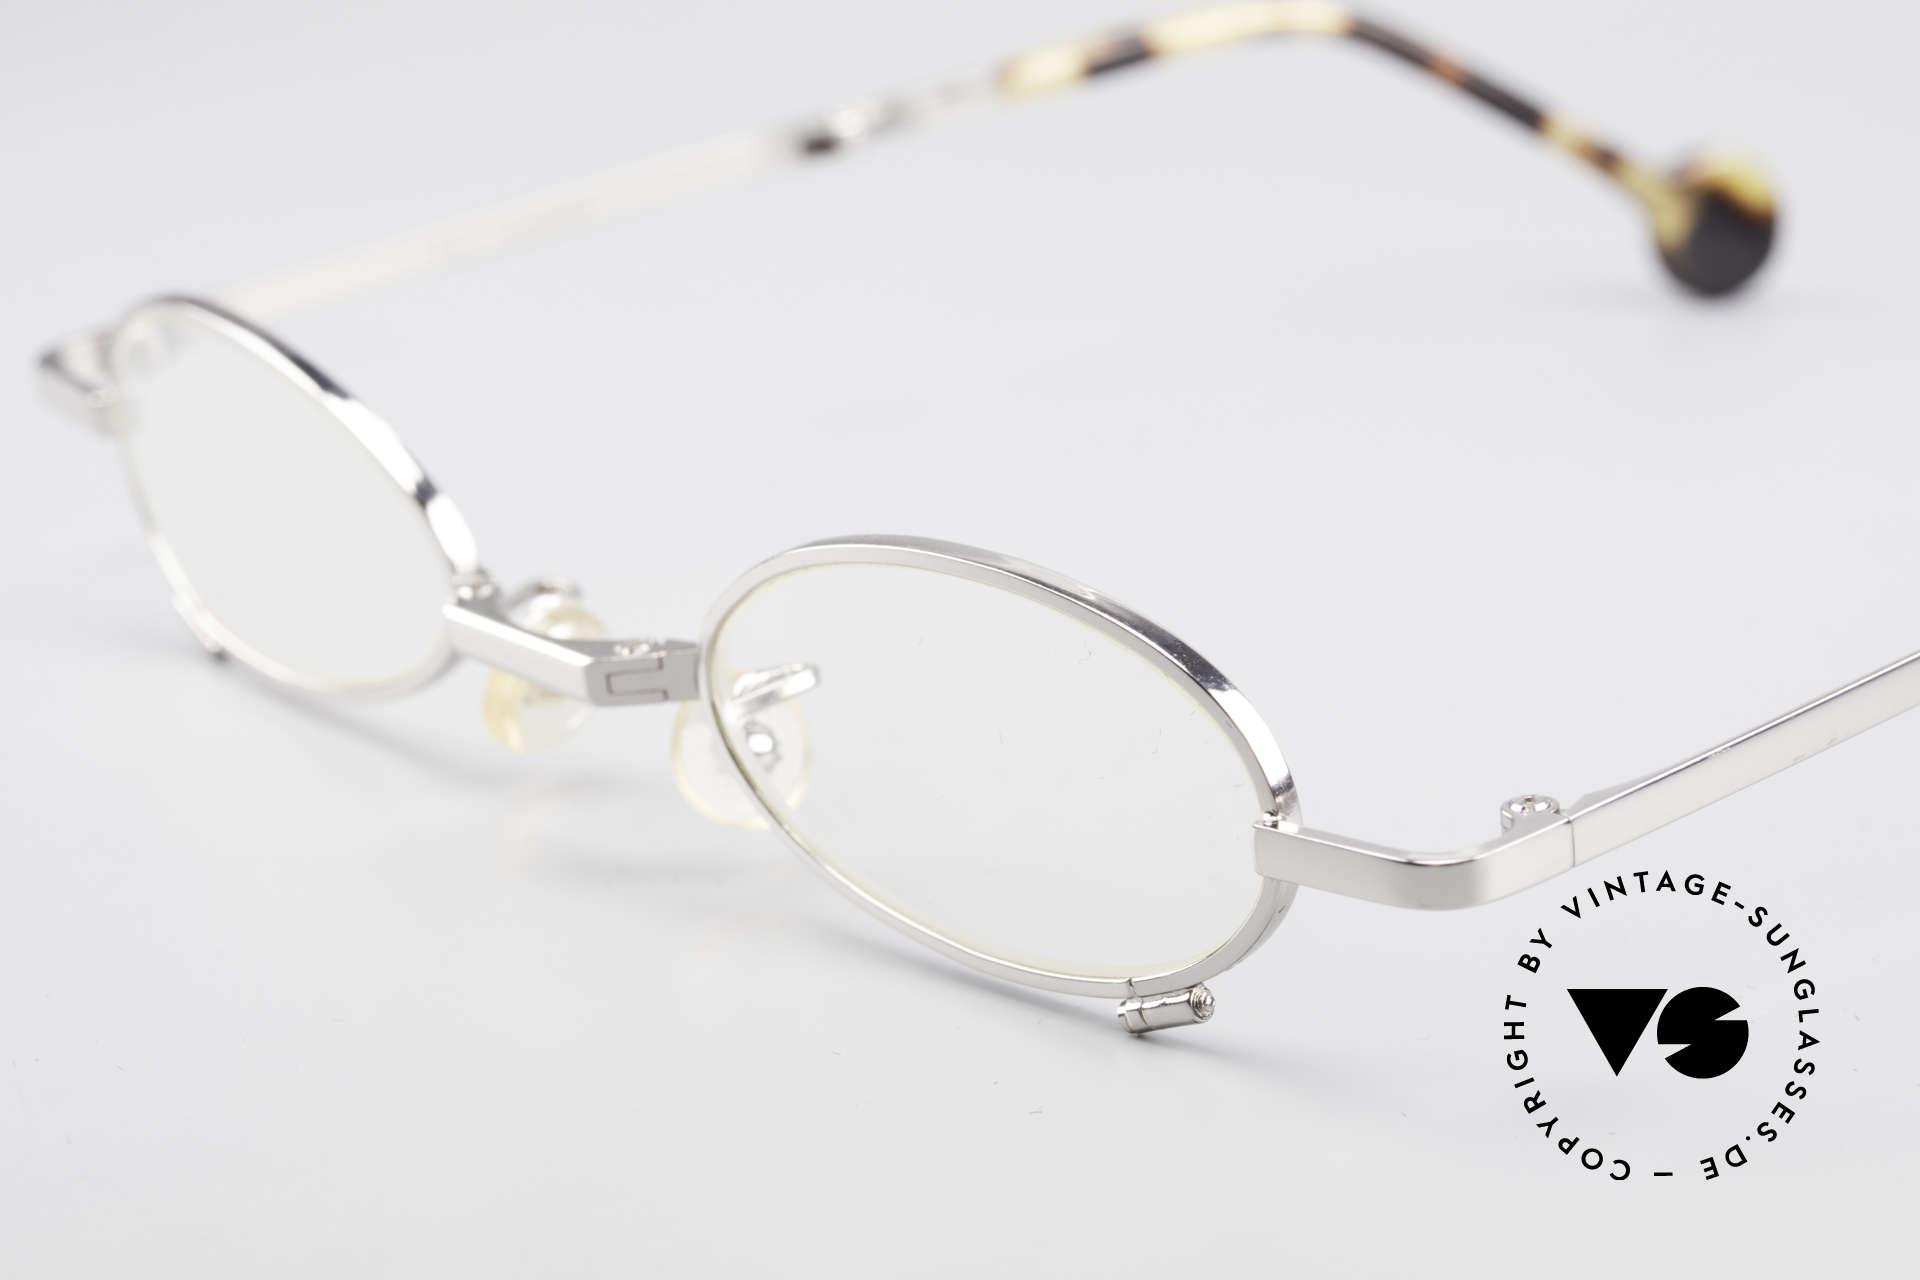 L.A. Eyeworks TIO 405 Faltbrille Brille zum Falten, praktische, faltbare Fassung (passt in fast jede Tasche), Passend für Herren und Damen